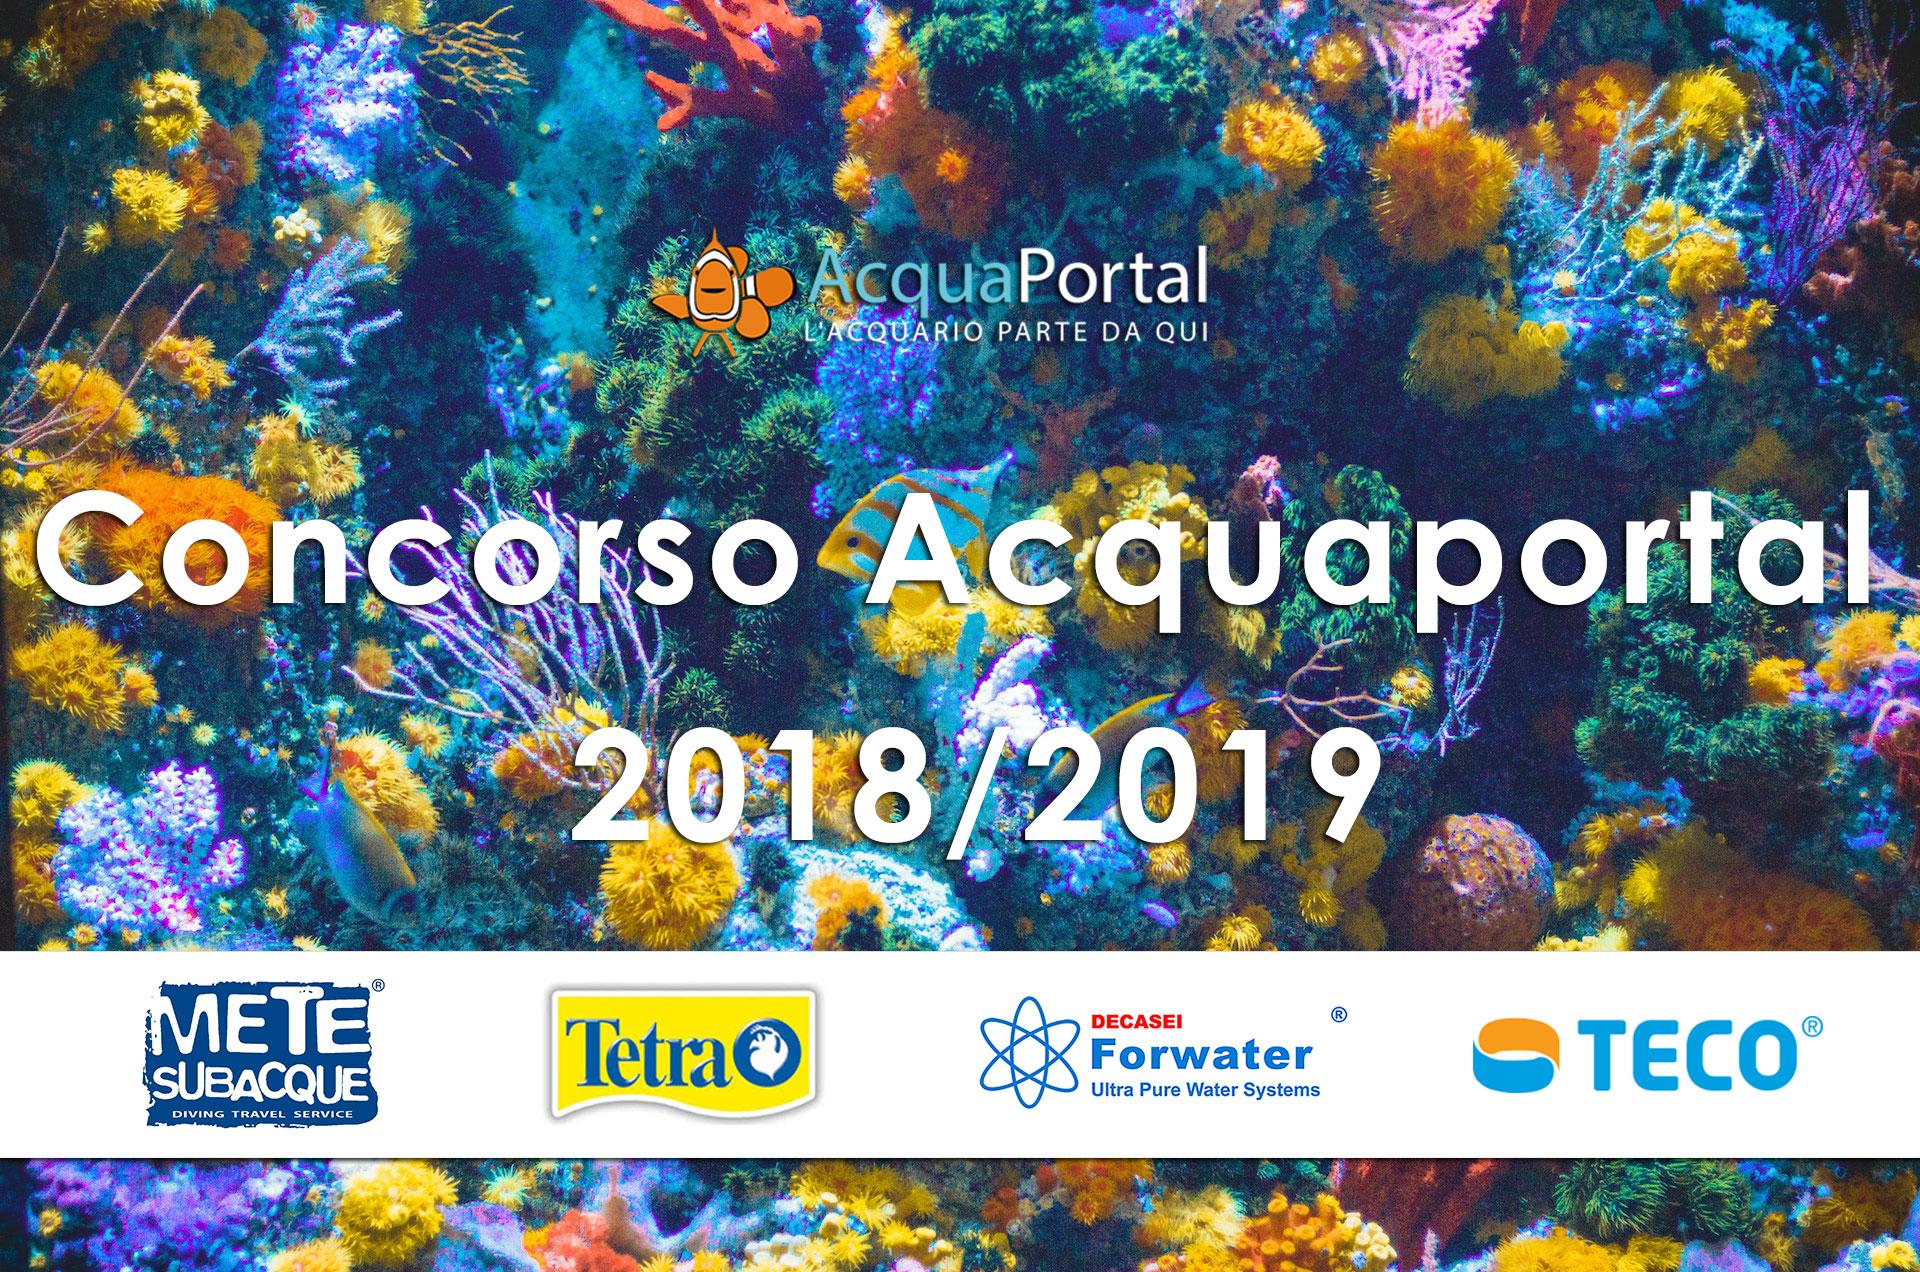 concorso acquaportal 2018 2019